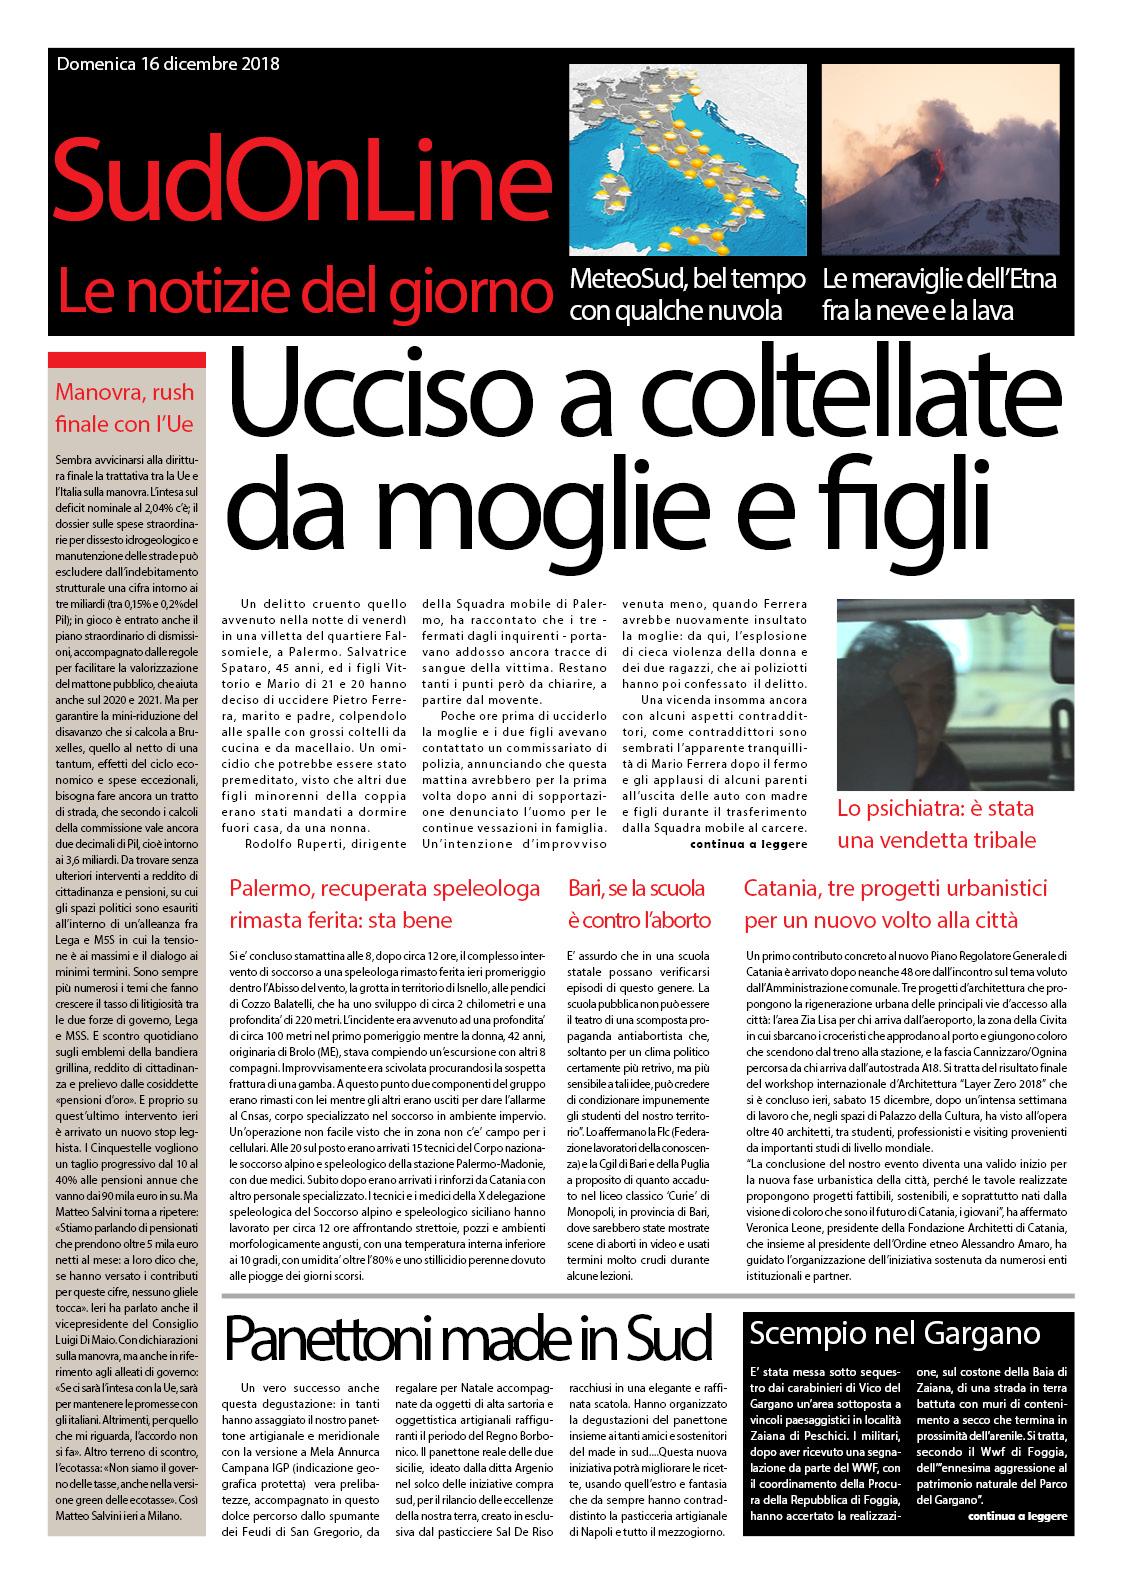 """IlSudOnLine quotidiano di domenica 16 dicembre: vendetta """"tribale"""" a Palermo, lo spettacolo dell'Etna con la neve, la scuola antiabortista a Bari"""